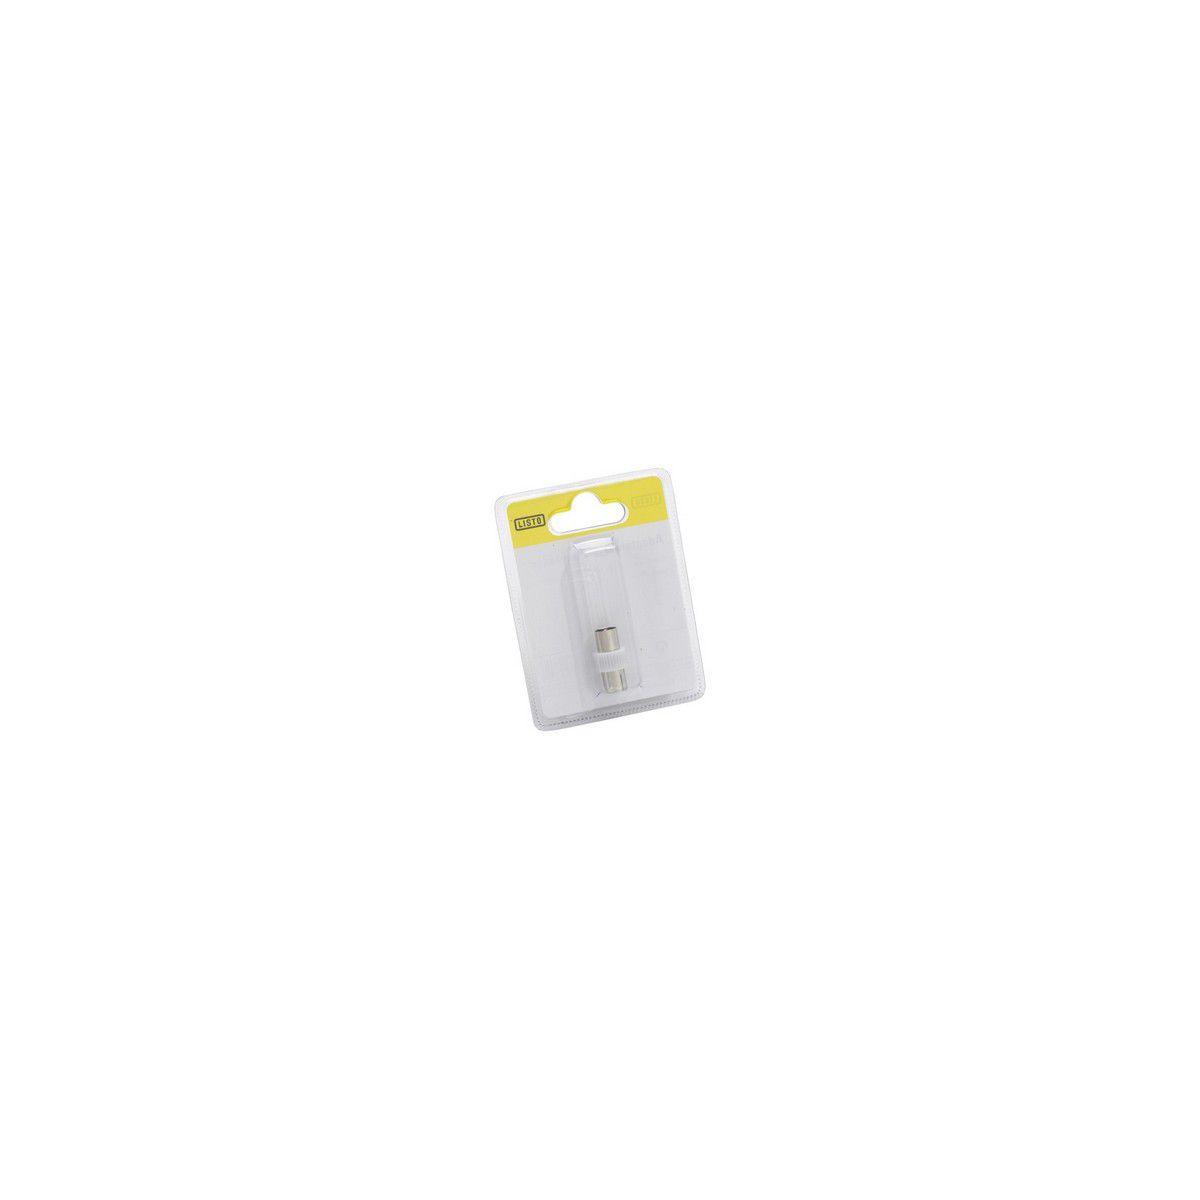 Adaptateur SC Coax M 9.5mm/Coax F 9mm (photo)